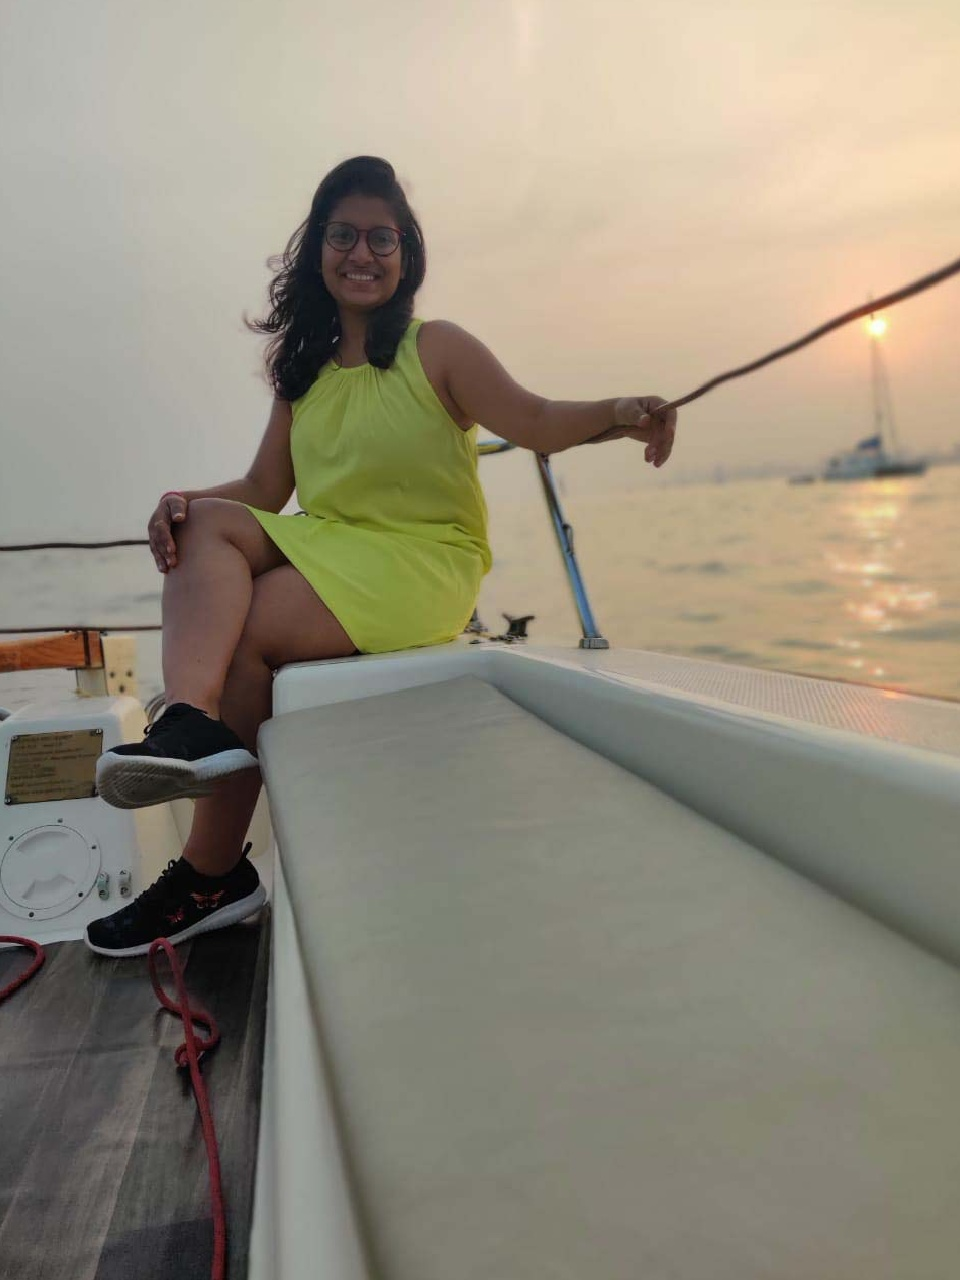 Sunset Sailing on a Yacht at Gateway of India, Mumbai